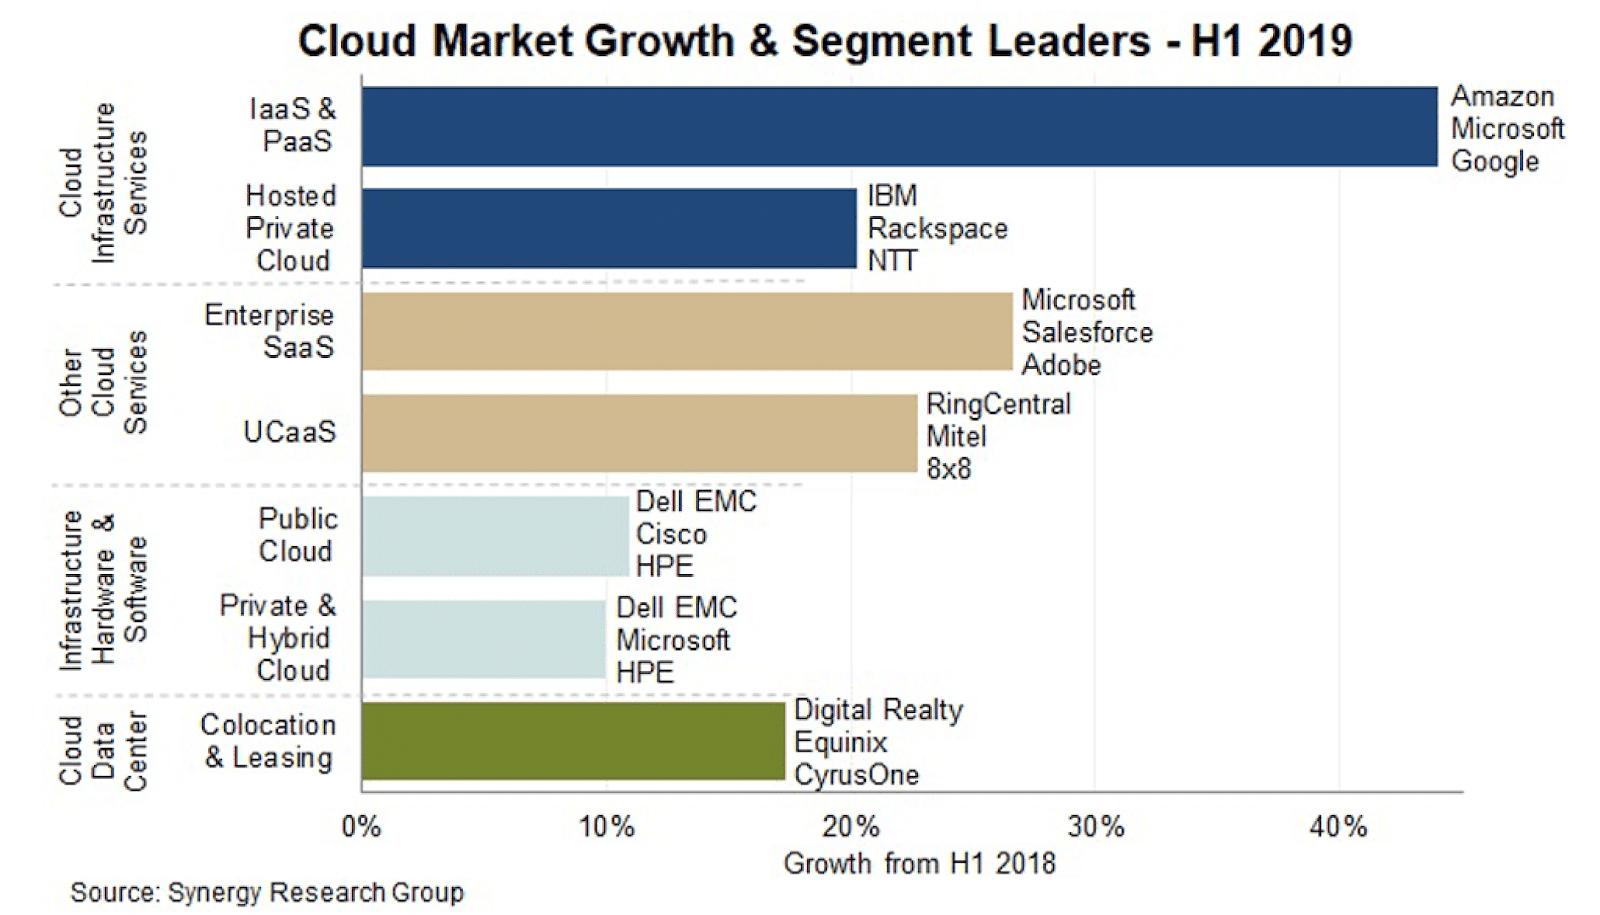 Crescita del mercato del cloud e leader di segmento